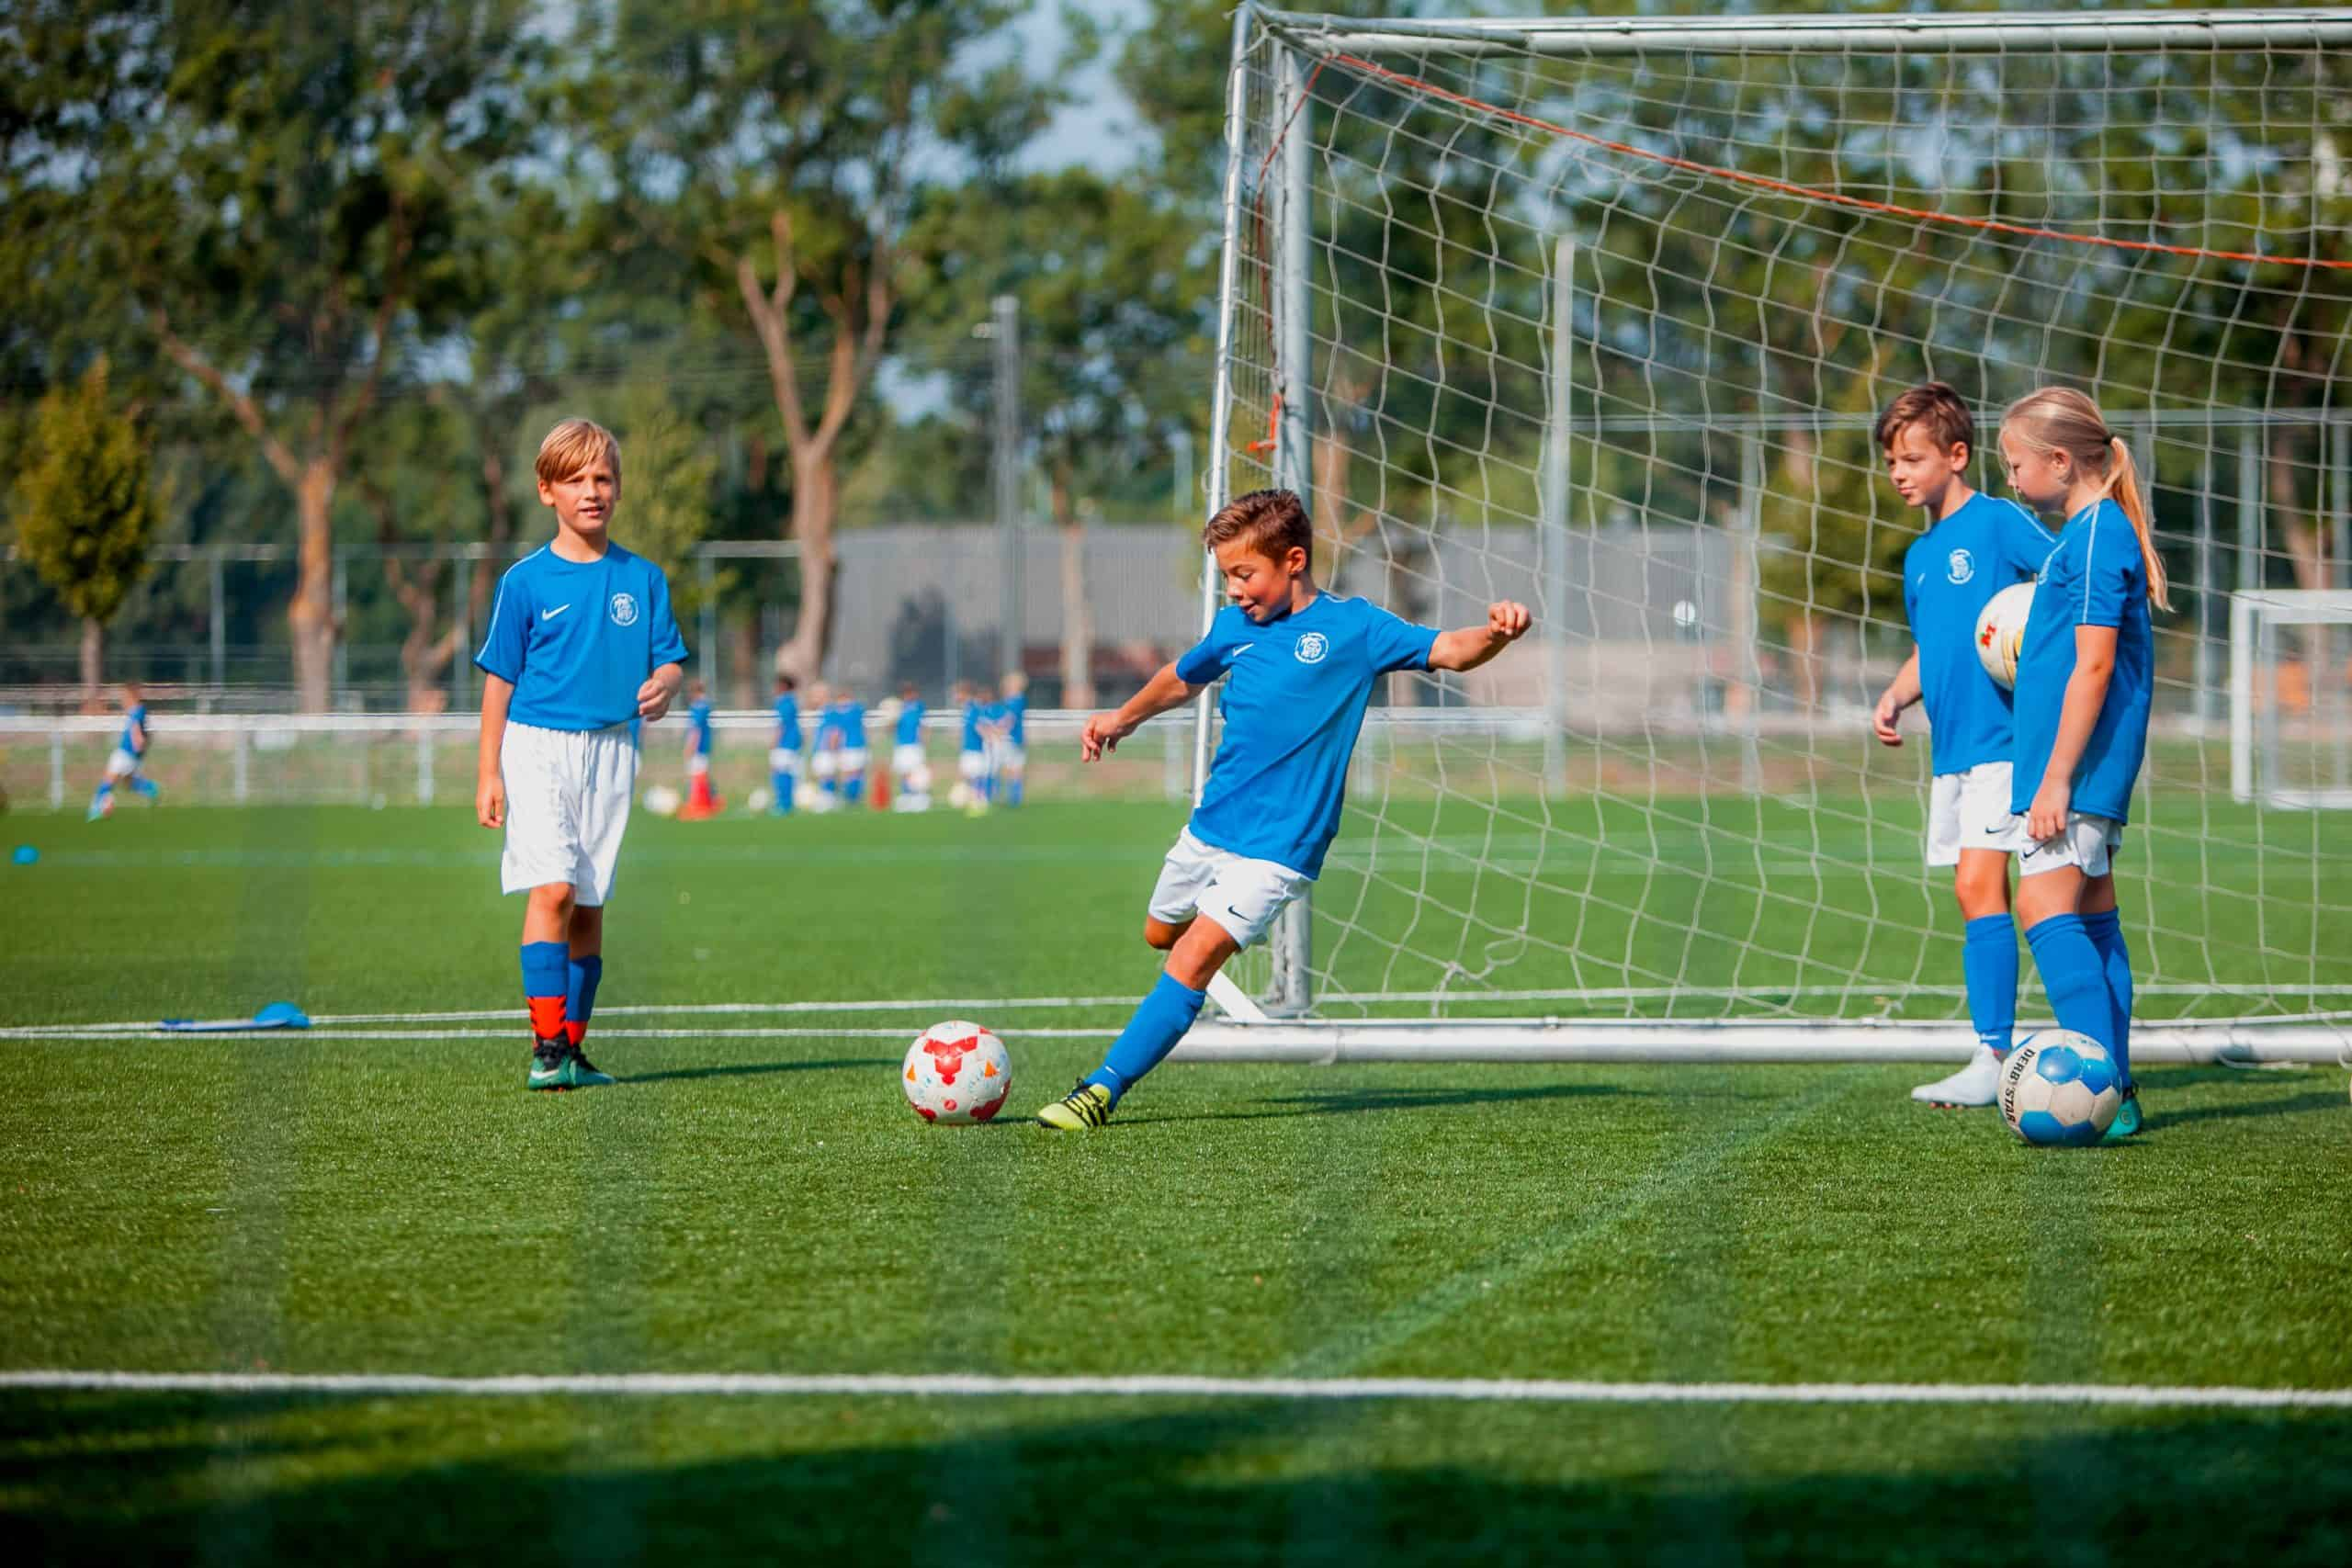 SV Kampong Voetbalkamp in de zomervakantie van 2021